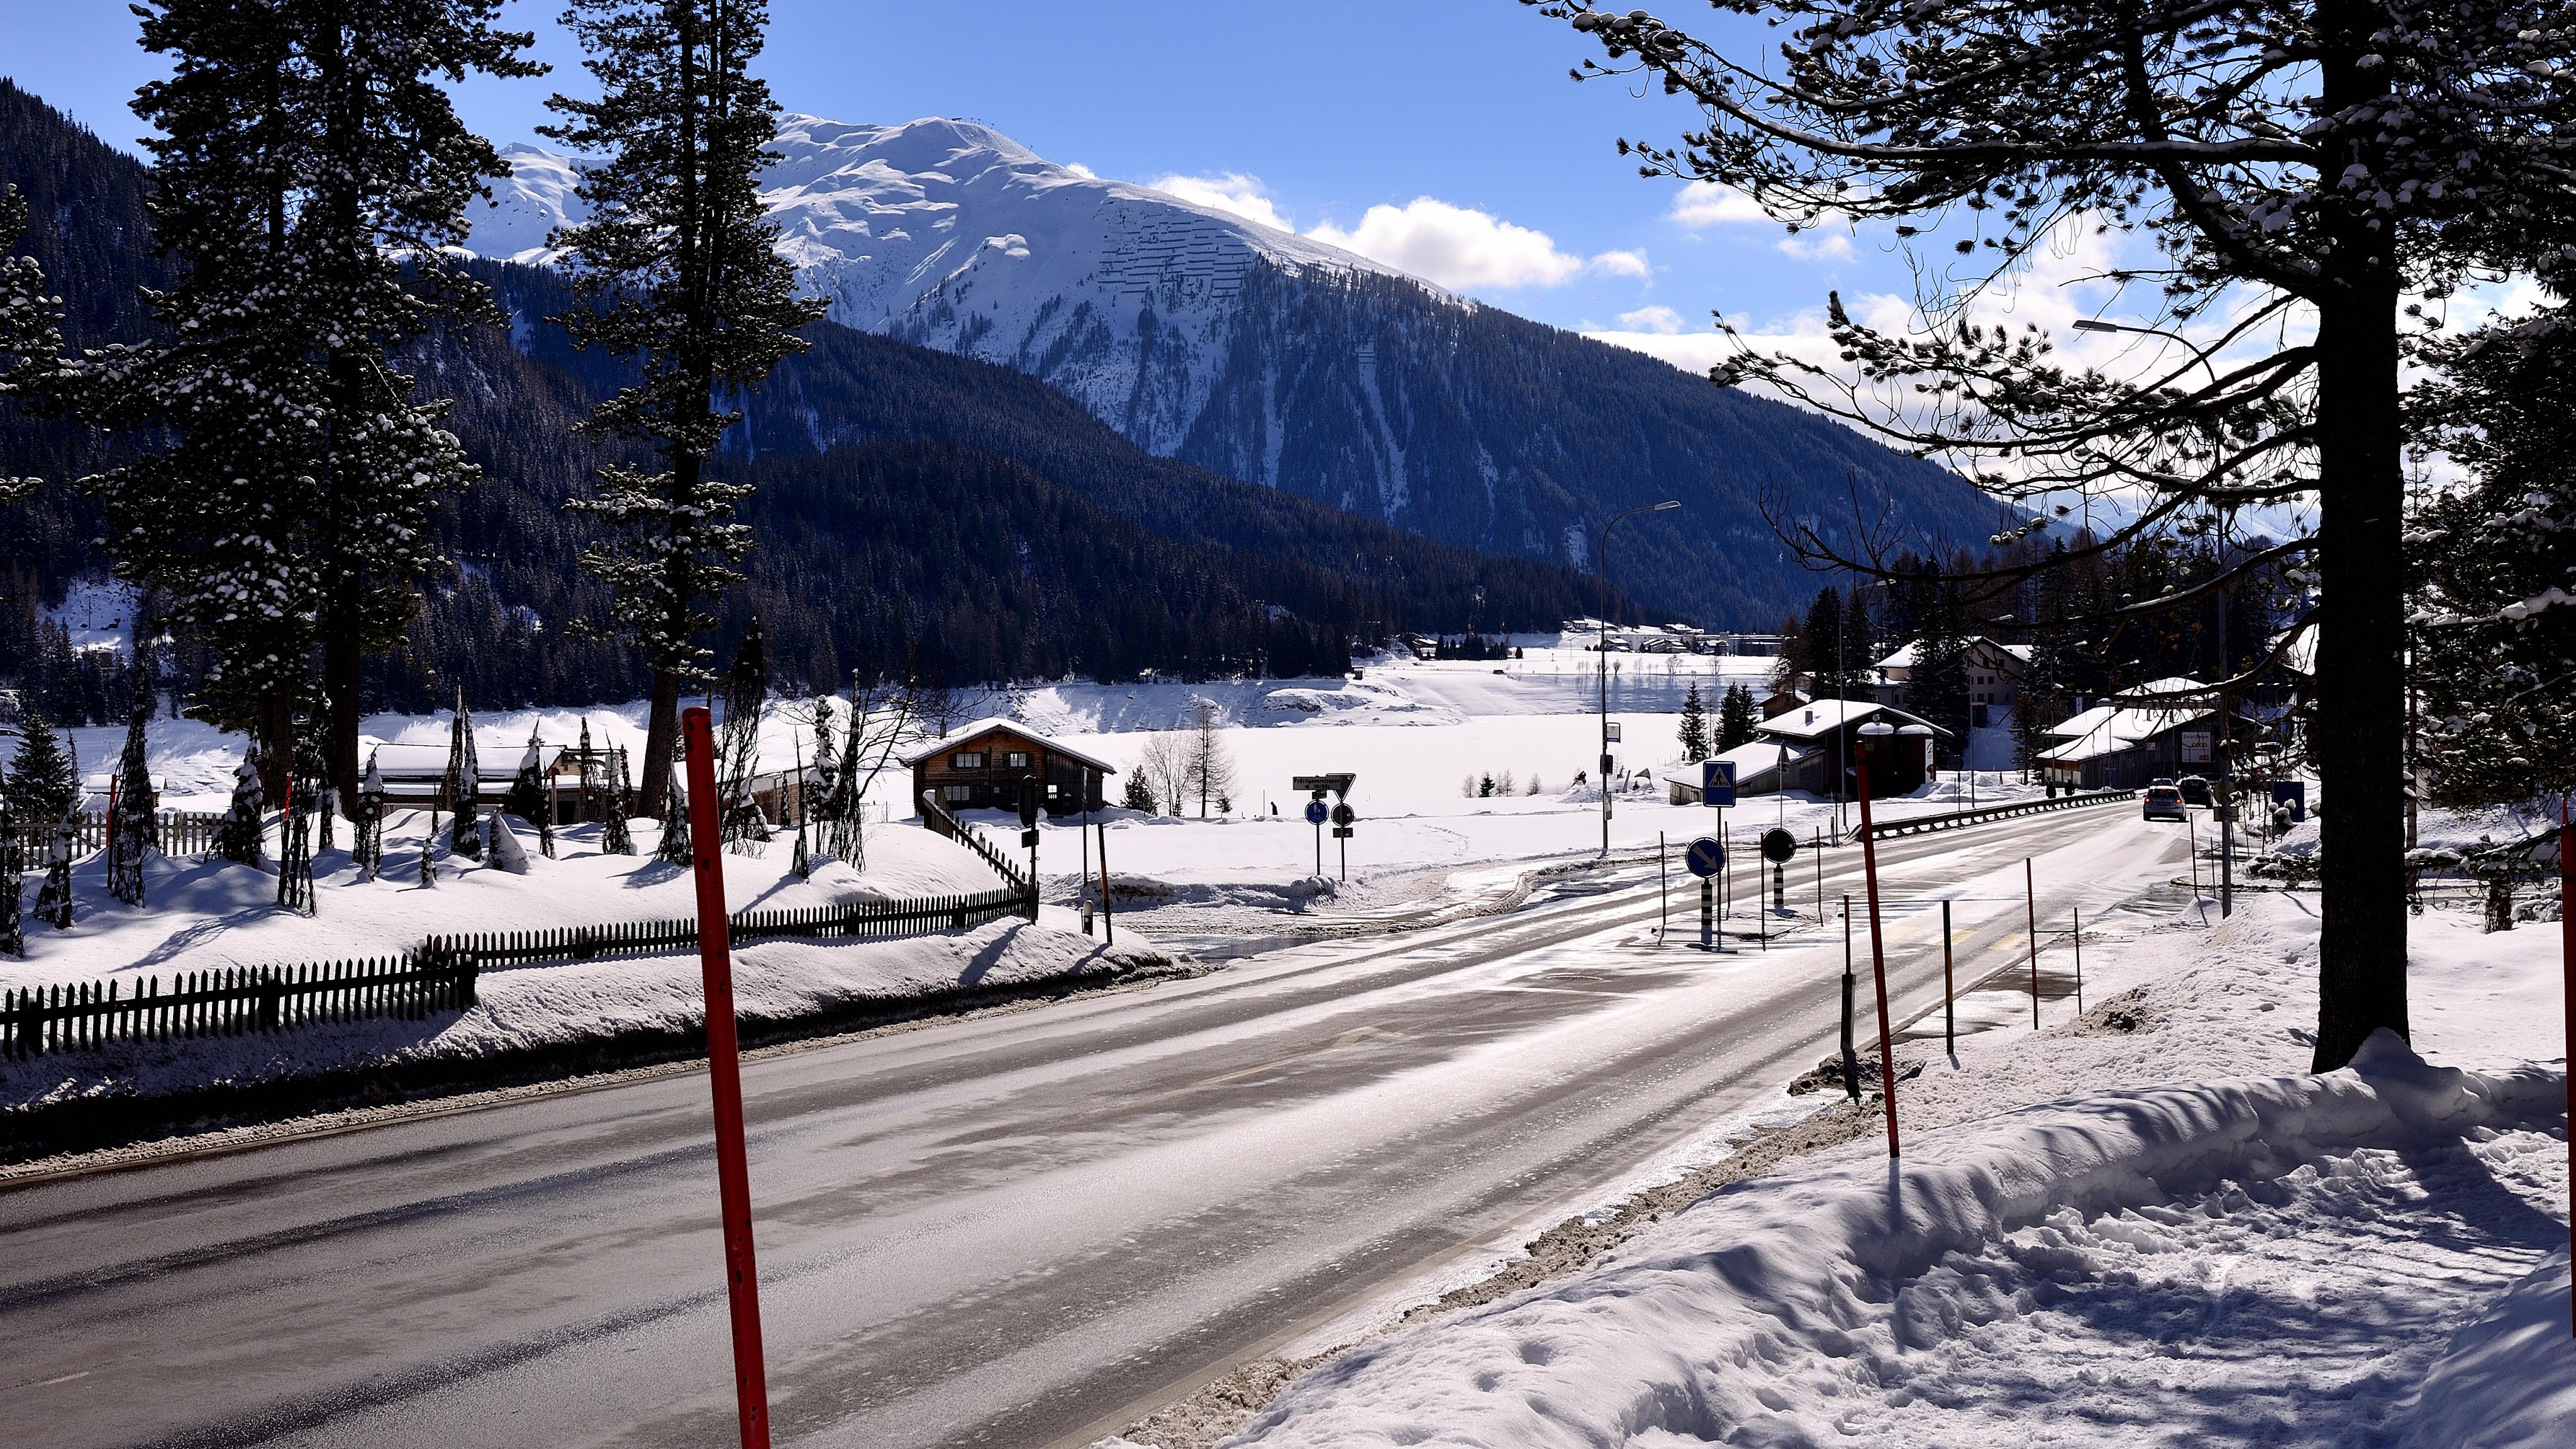 Rundfahrt durch Davos bei Sonnenschein - März 2015 - Roadtrip